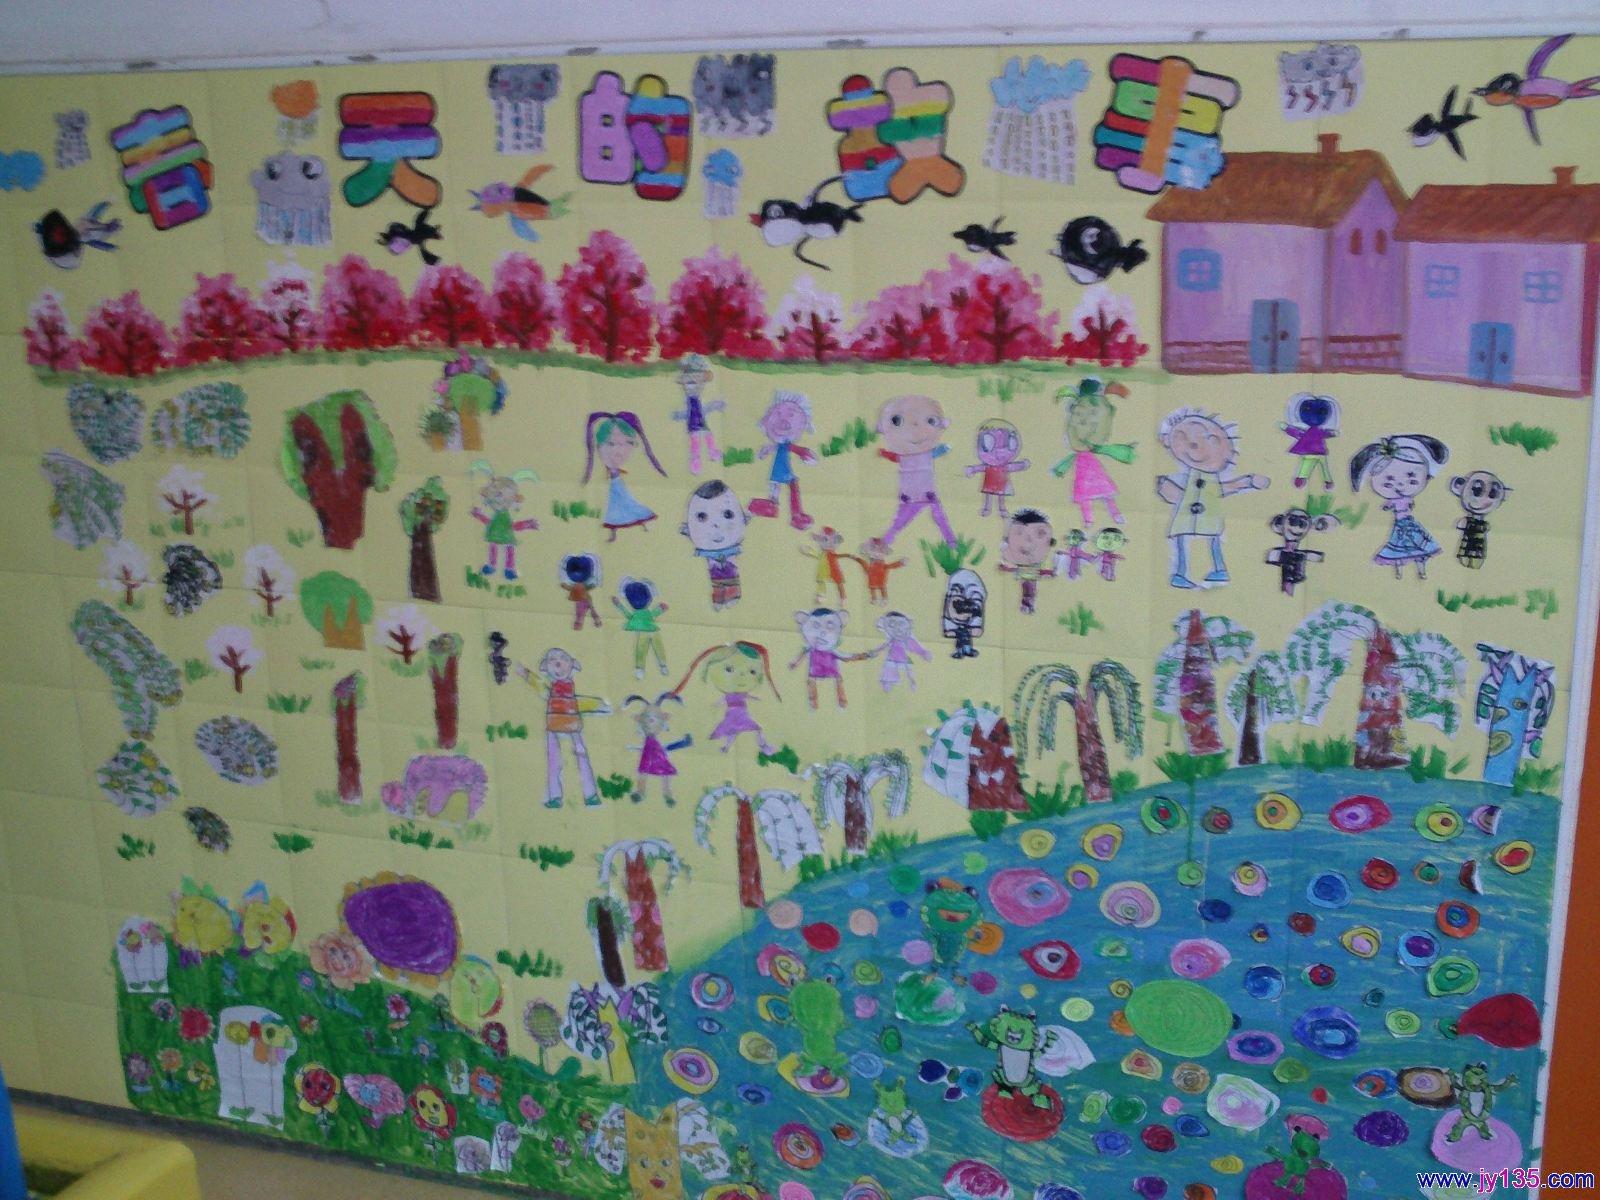 关于春季预防疾病的幼儿园方案,谁有啊春季疾病多发,红缨幼儿园采取